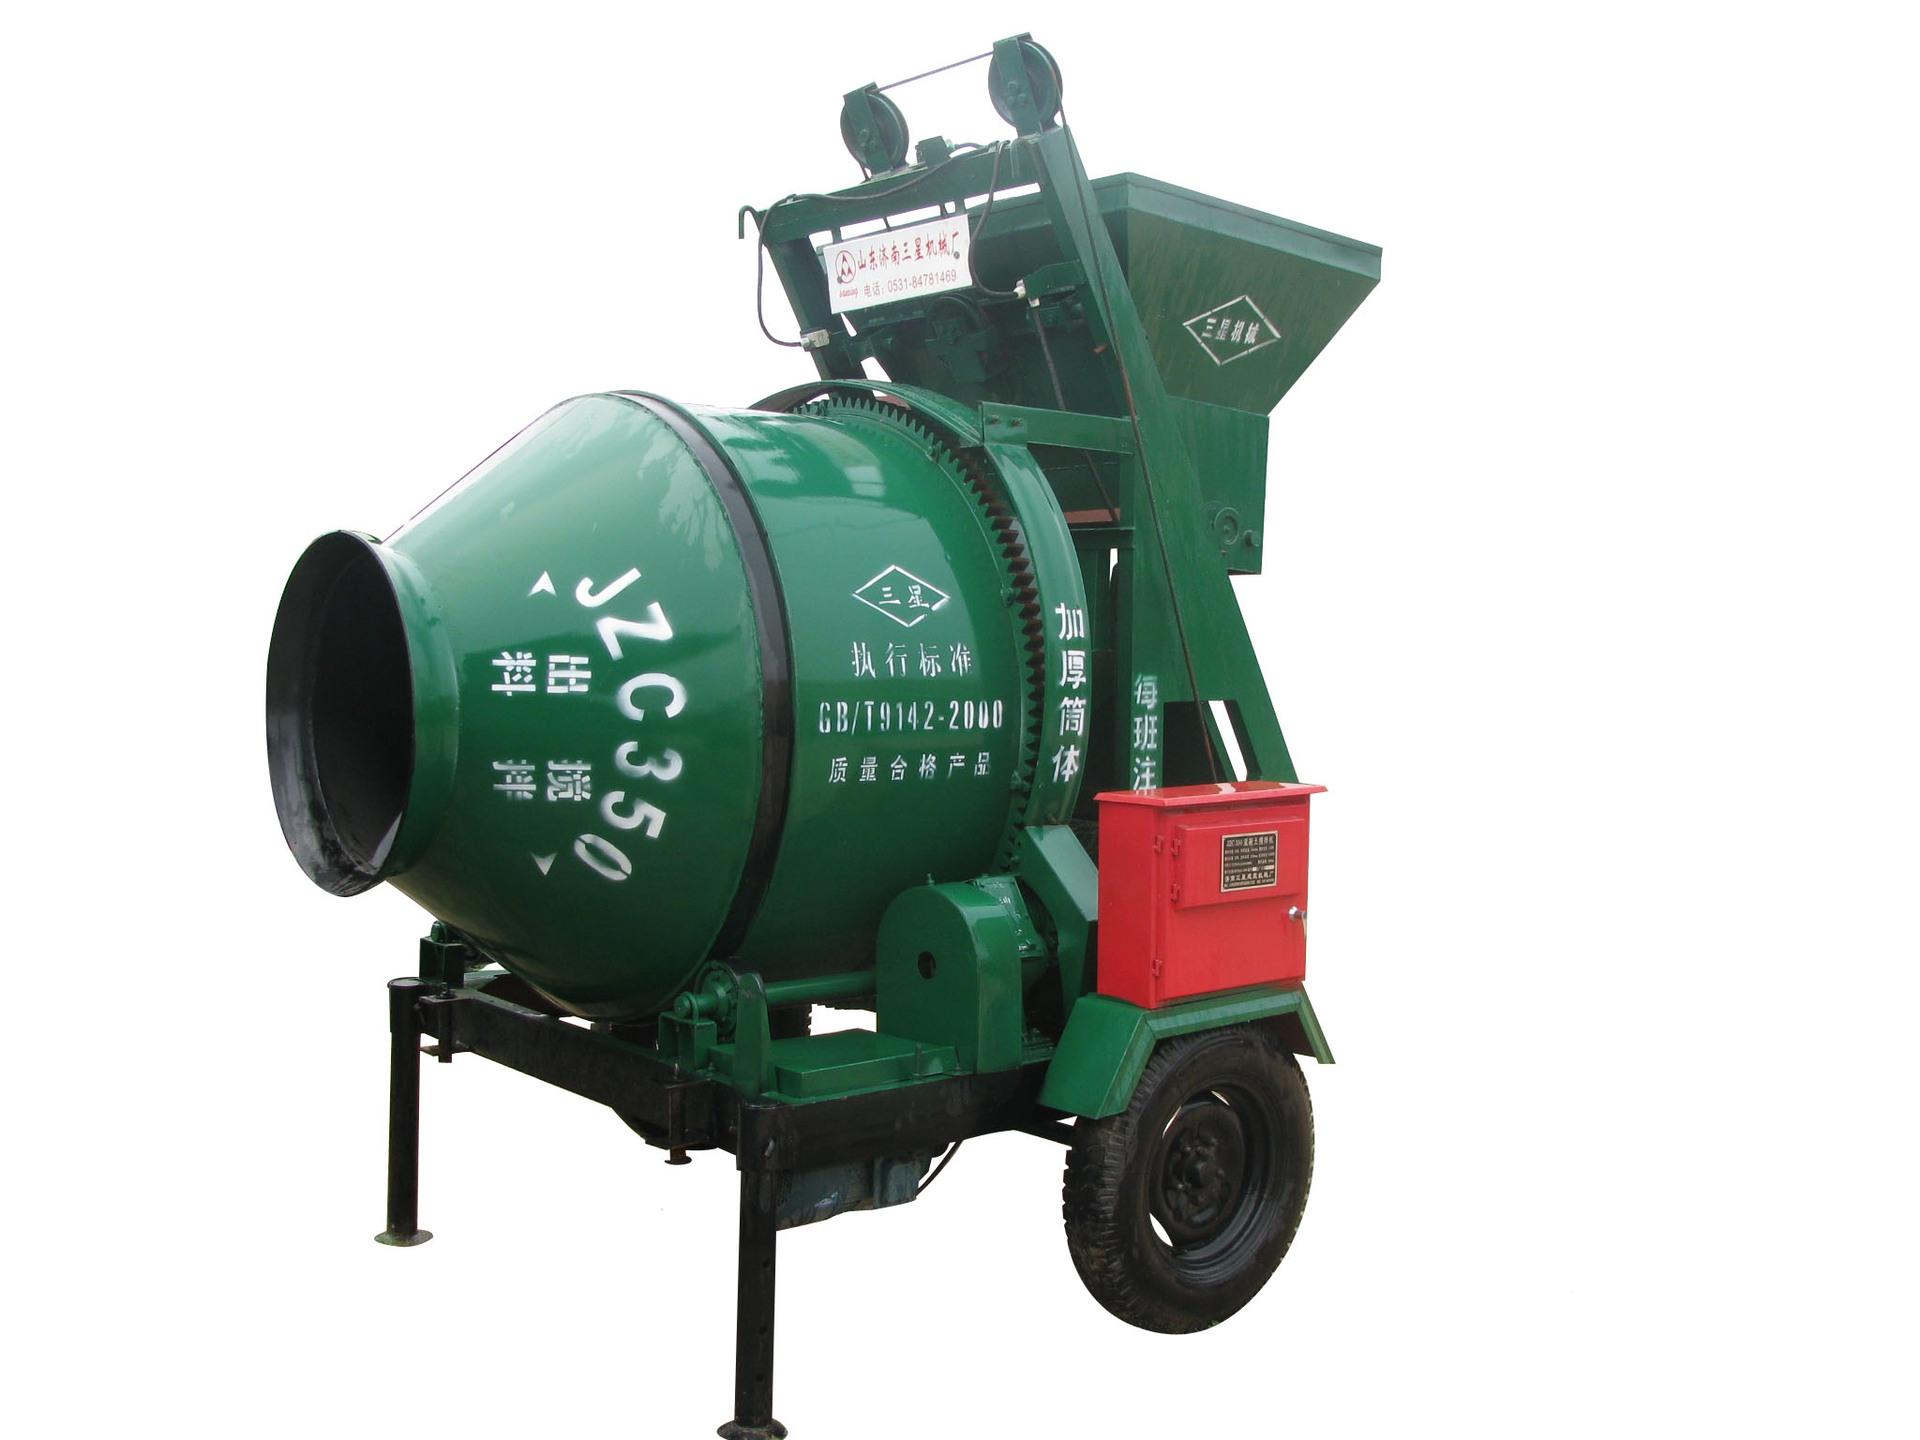 供应小型混凝土搅拌机,JQ、JZC等系列搅拌机